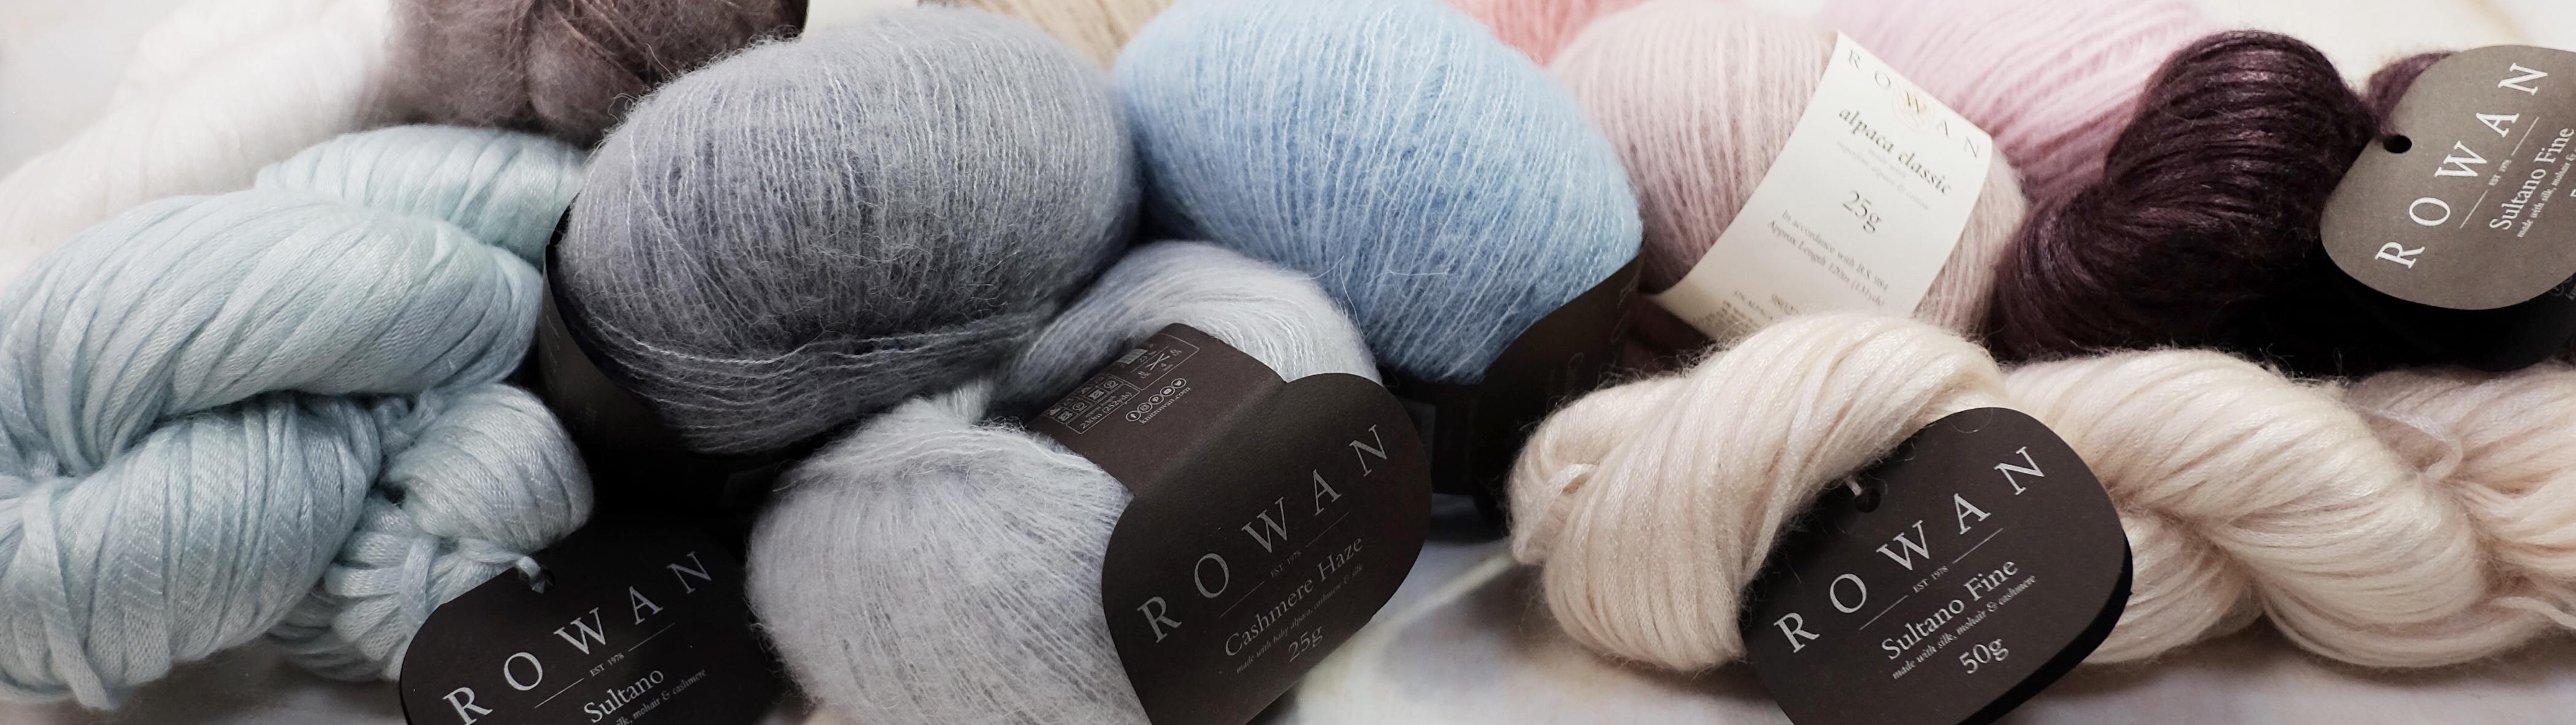 Rowan AW 2019